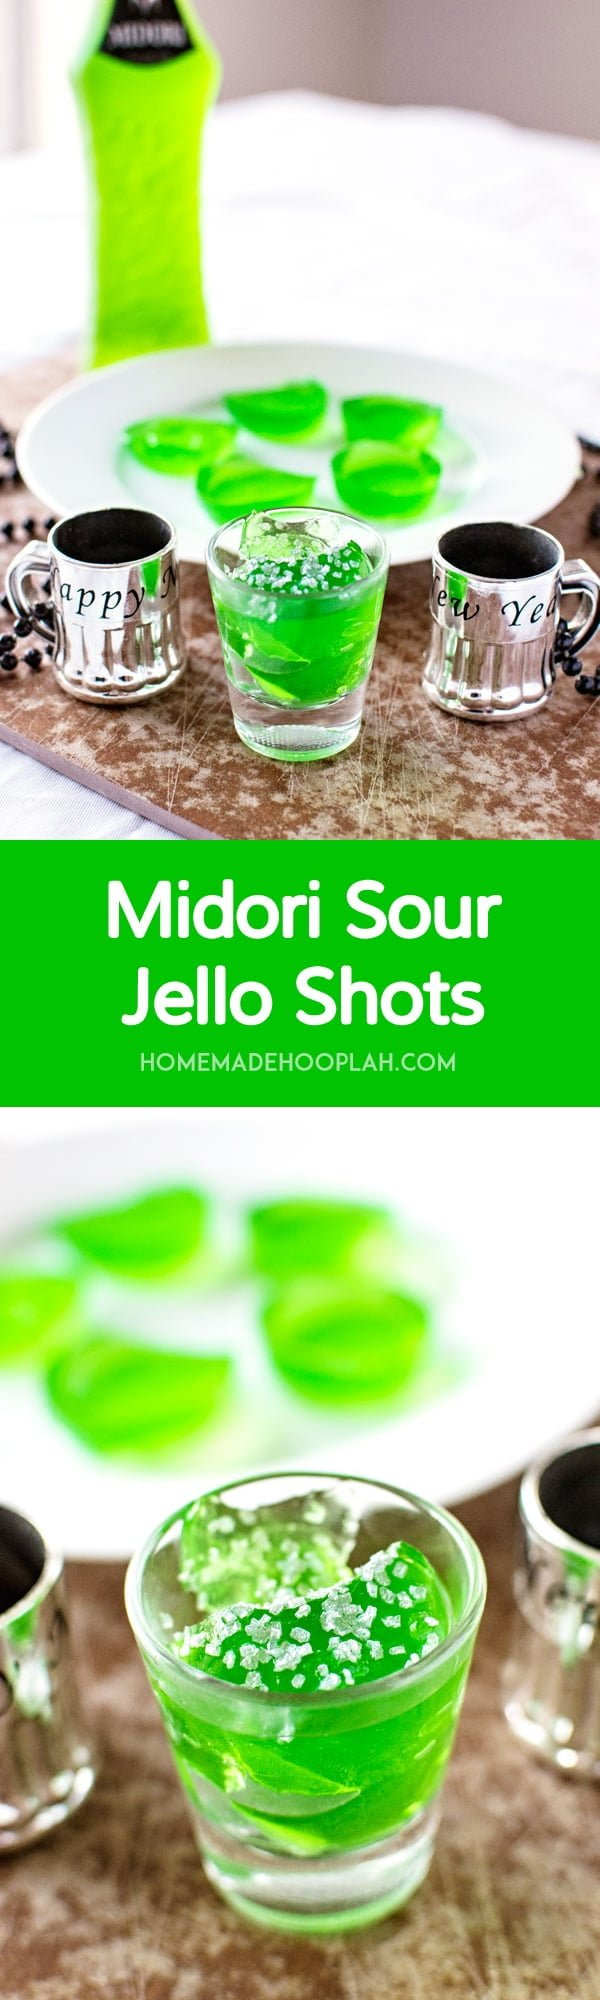 Midori Sour Jello Shots - Homemade Hooplah